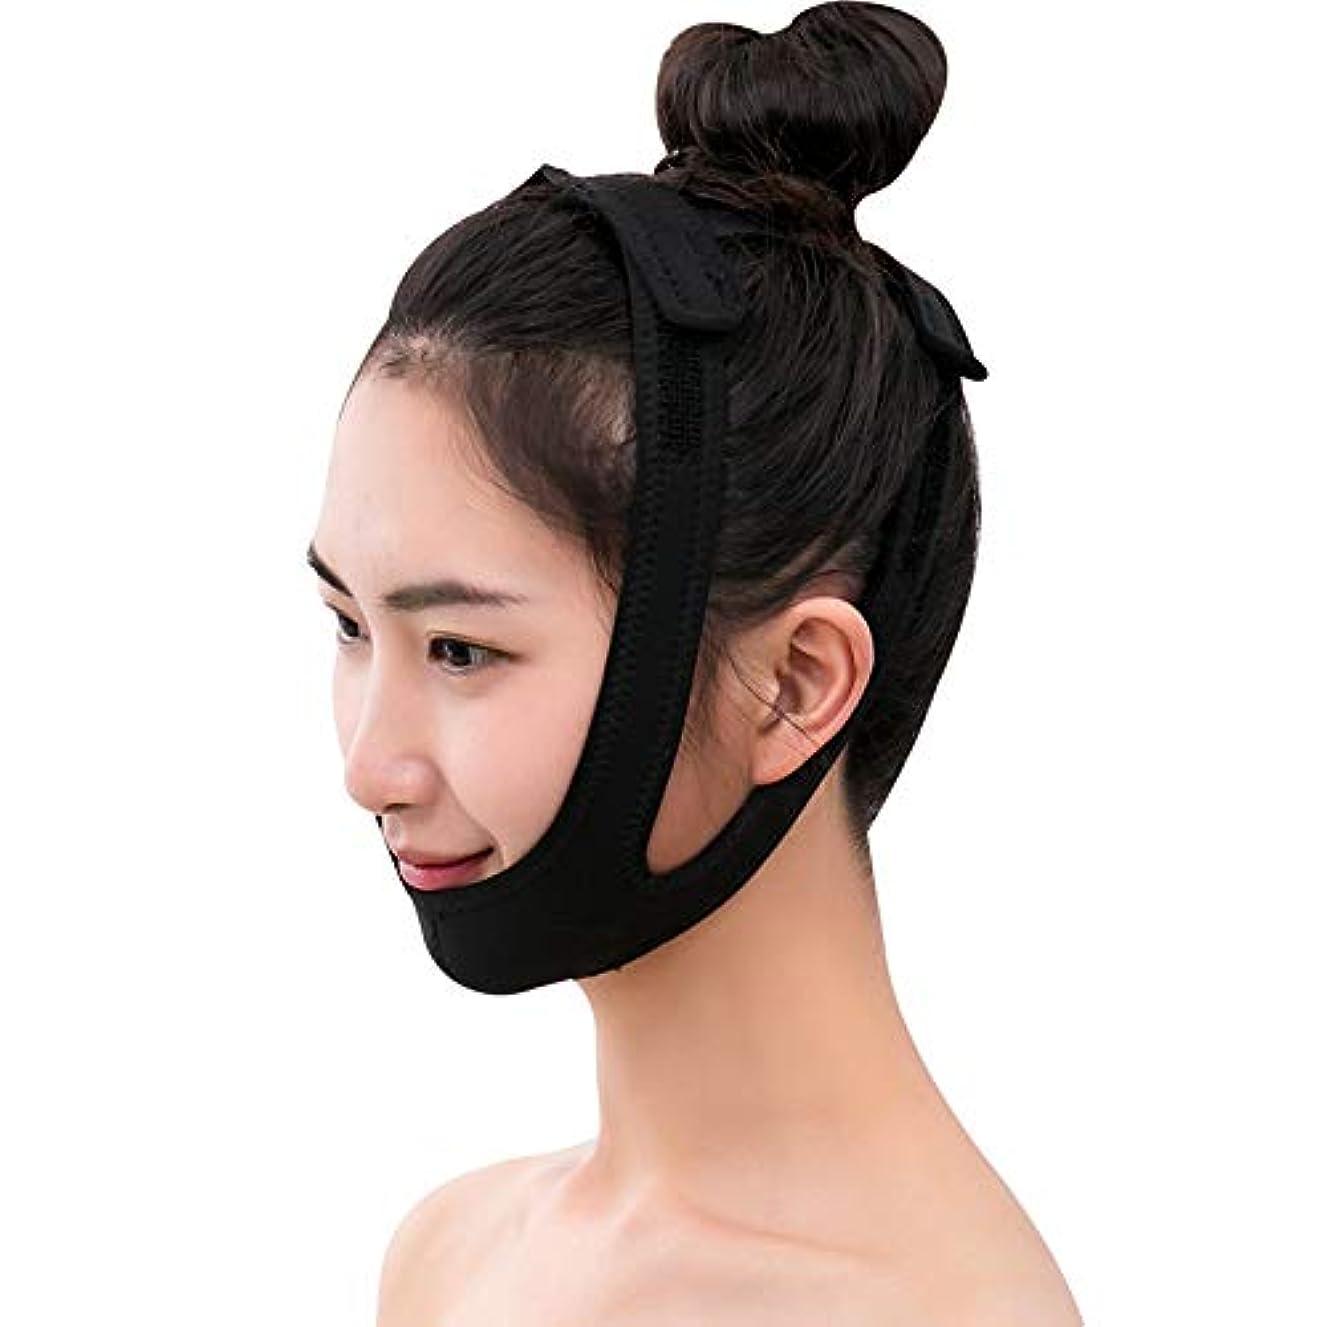 トリプル脆い好むJia He 軽量 薄いフェイスバンド - 薄い顔の包帯ビューティーインストゥルメントフェイシャルリフト睡眠マスク法Vフェイスマスクの通気性を作る ##